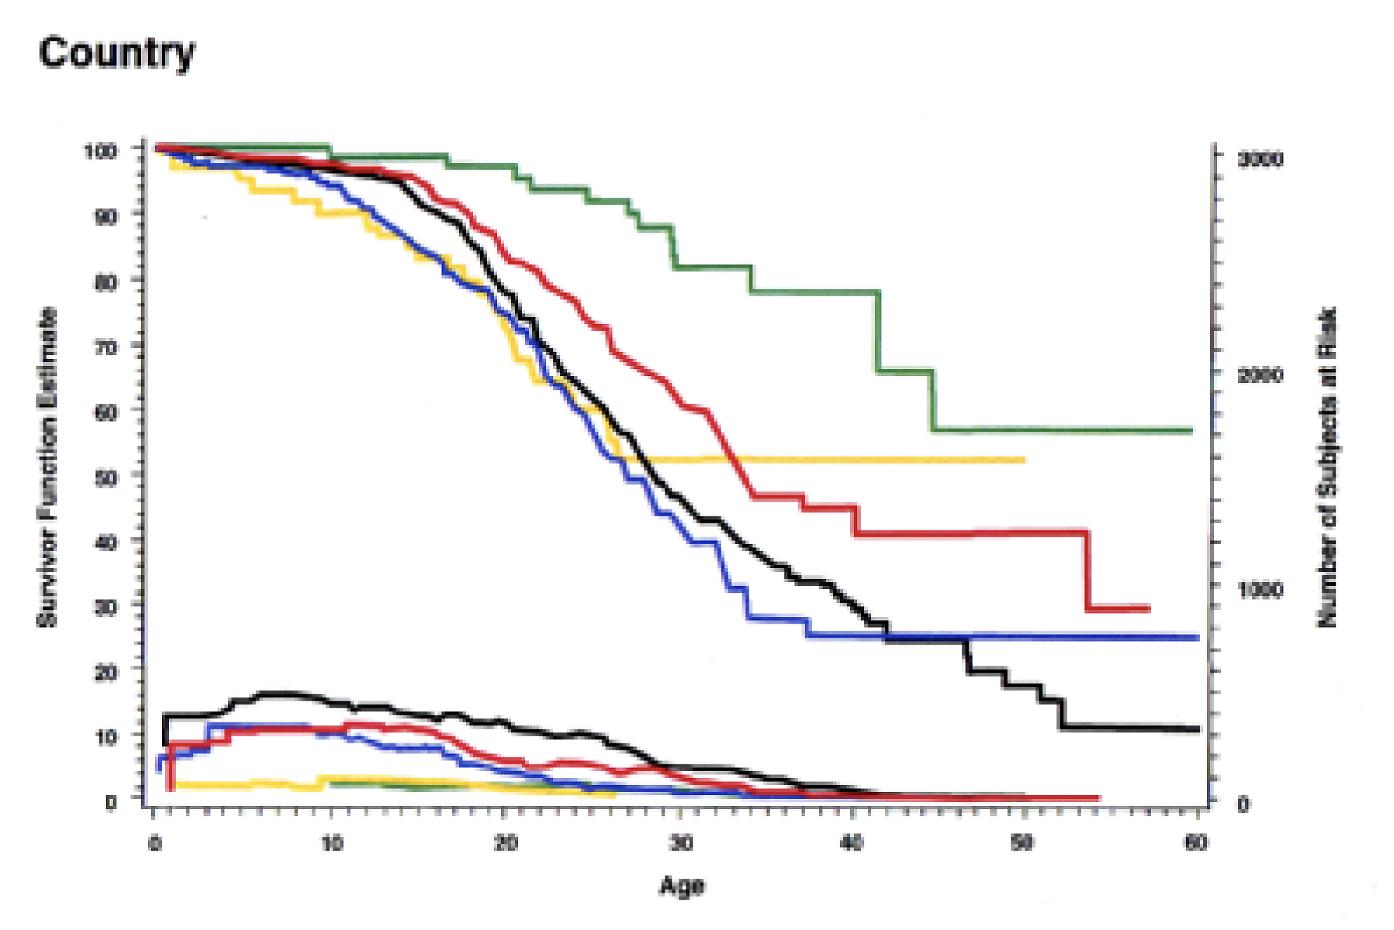 Figur 6. Medianöverlevnad i Europa under 90-talet. Sverige och Danmark har slagits ihop pga att antalet patienter (kurvorna i botten på bild) var lågt i jämförelse med övriga europeiska länder. Vi hade alltså vid denna tid en medianöverlevnad högre än vad som allmänt redovisas idag (mer än 25 år senare), även om osäkerhet måste påpekas pga det låga patientantalet. Källa: Europeiska CF registret, 1995.